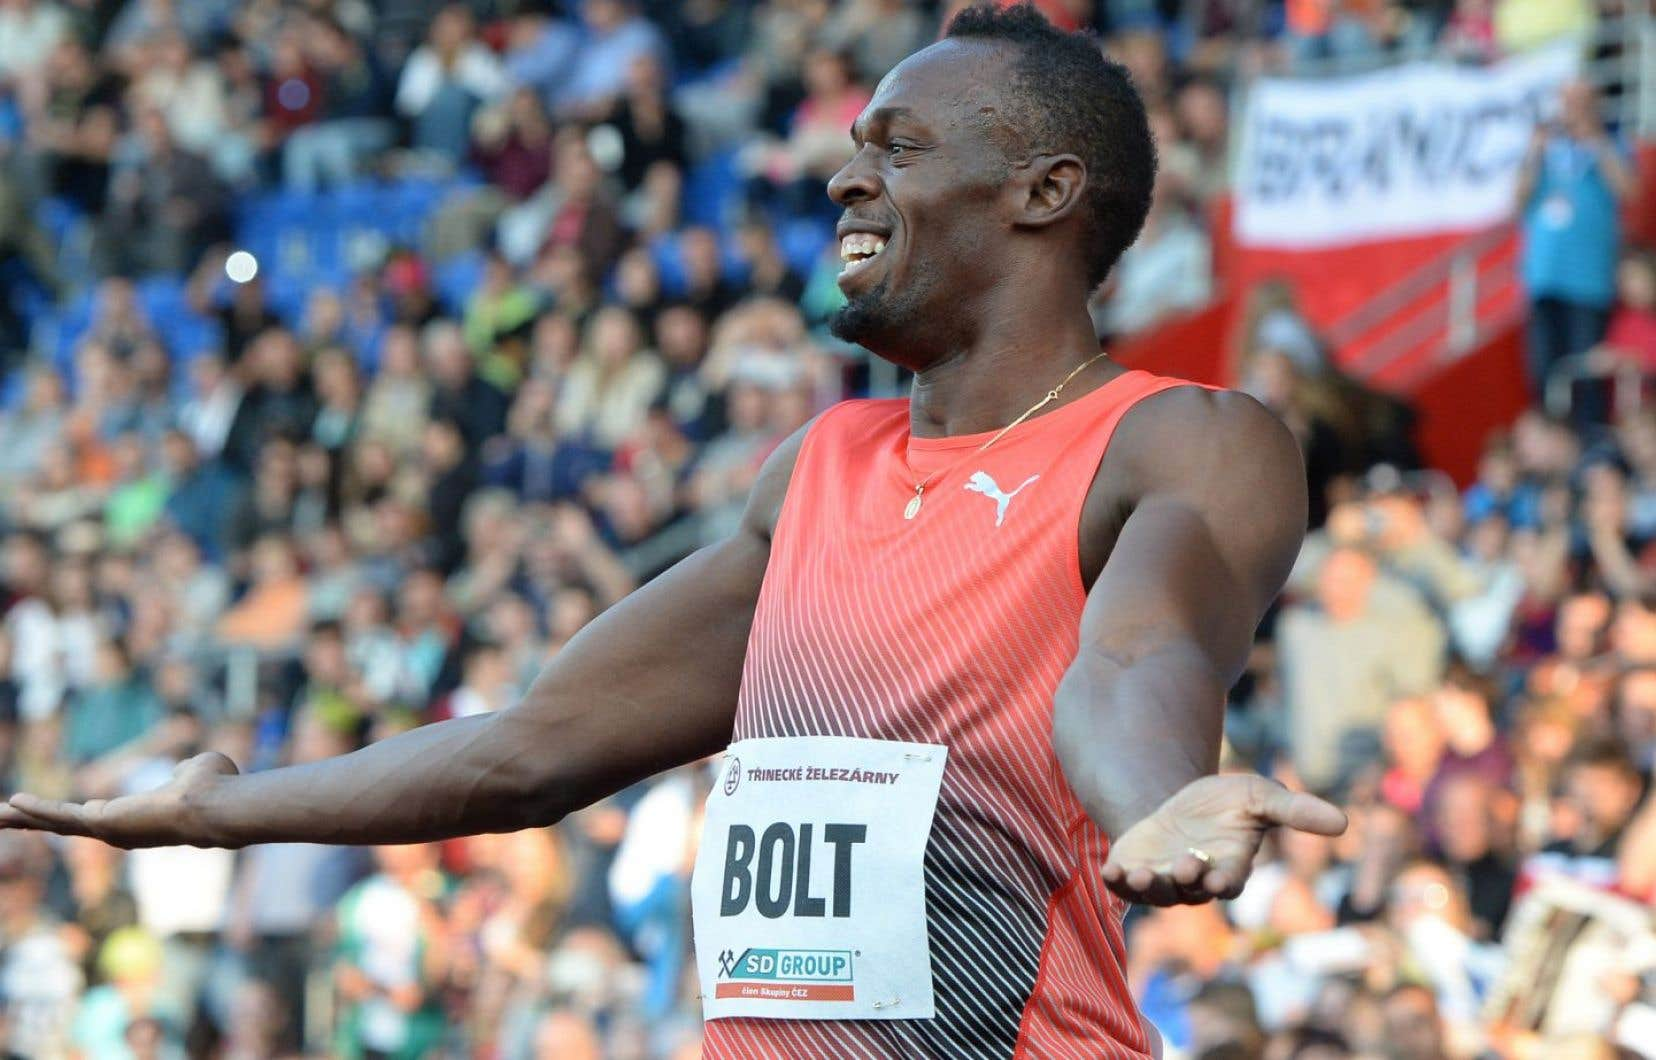 Après sa première course de la saison, Usain Bolt a eu besoin de soins pour une contracture à un ischio-jambier en Allemagne en route pour la République tchèque.